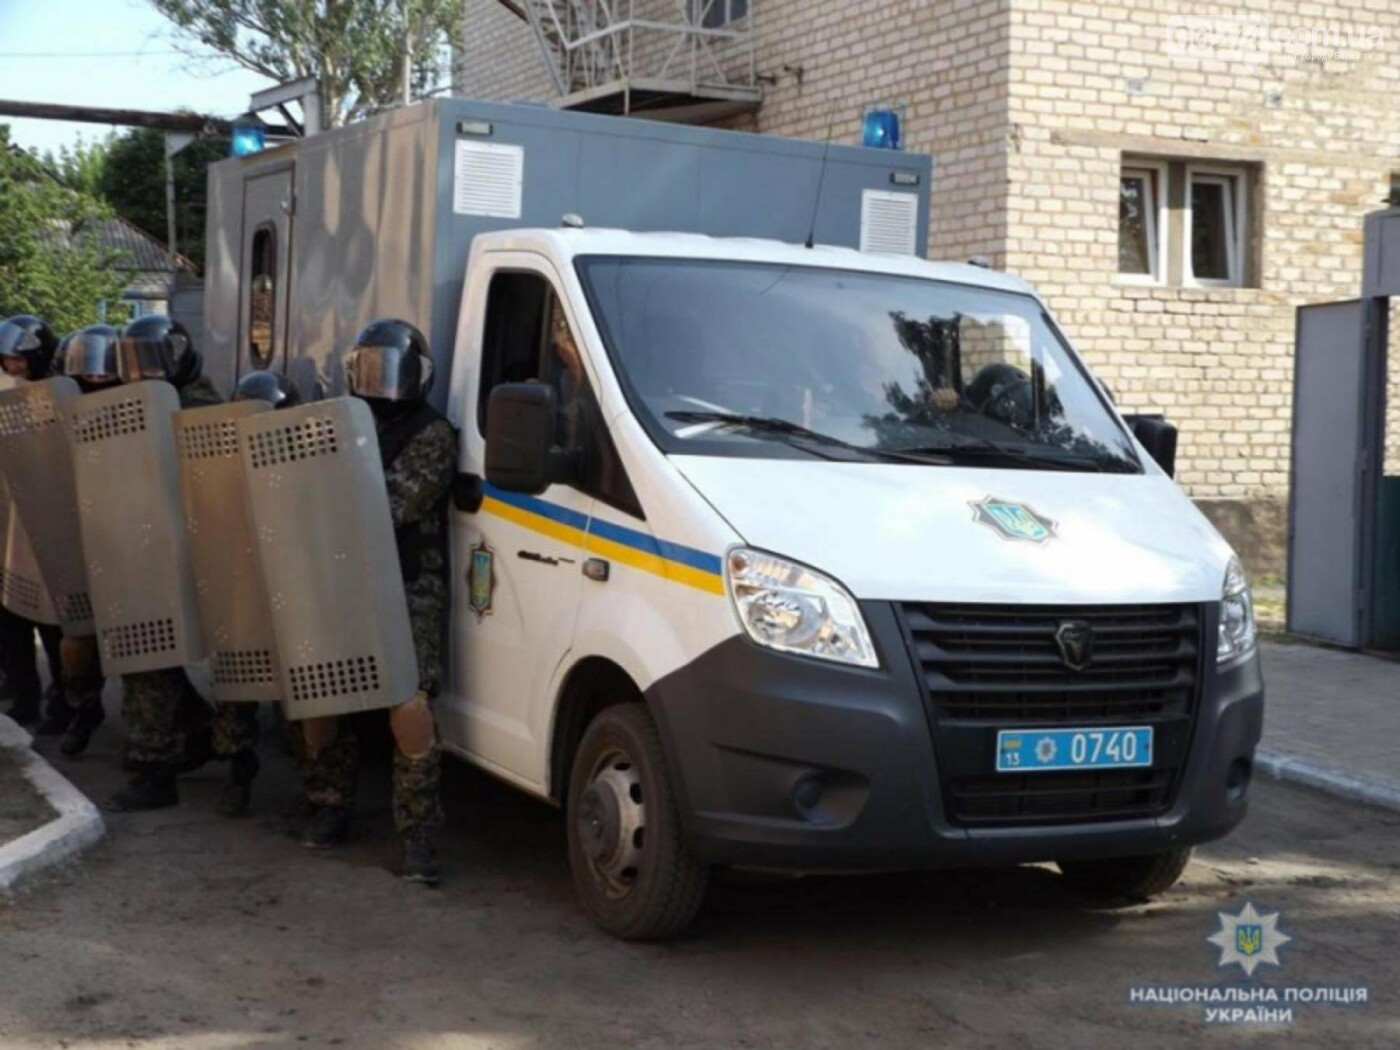 Полиция локализовала «бунт осужденных» в Бахмутском СИЗО, фото-2